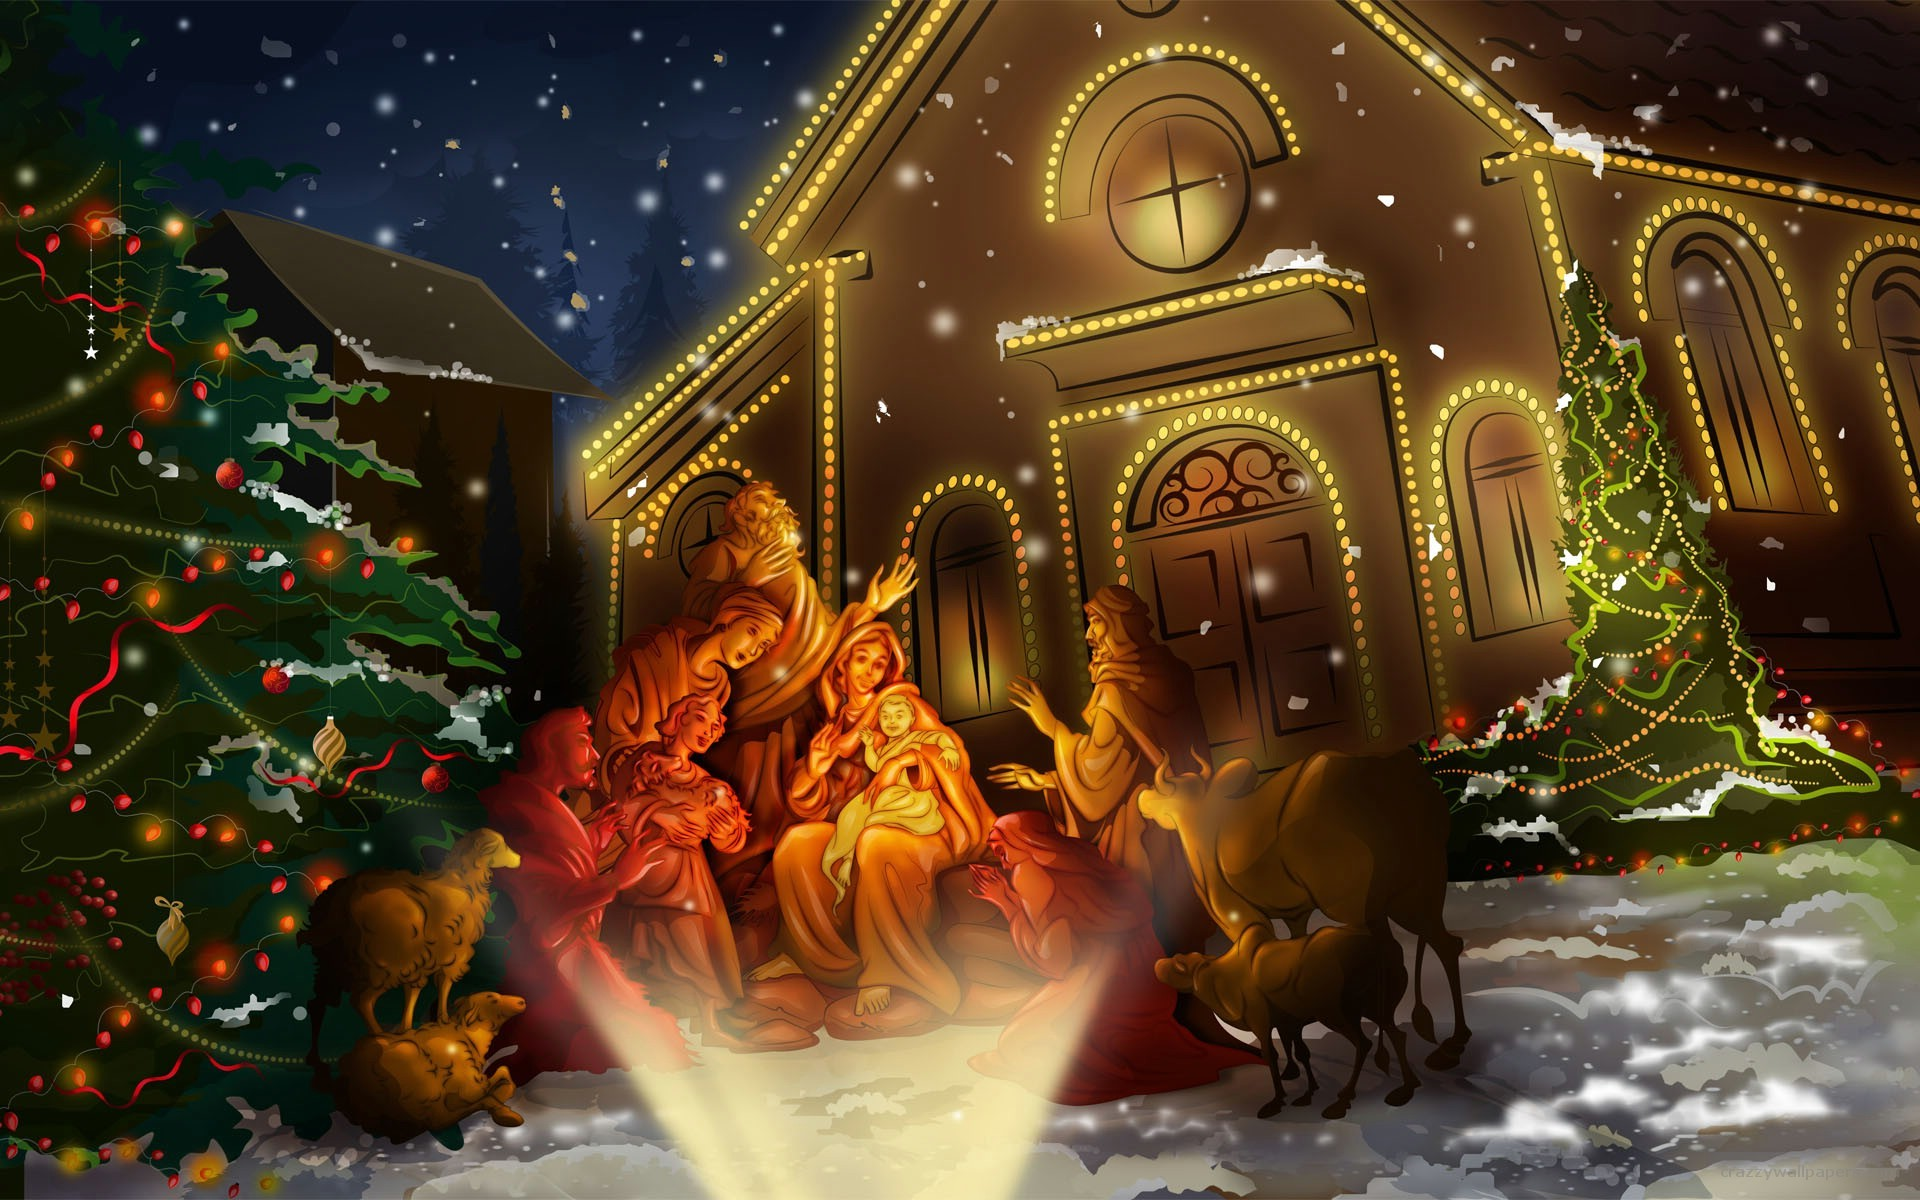 Christmas Animated Wallpaper Windows 7